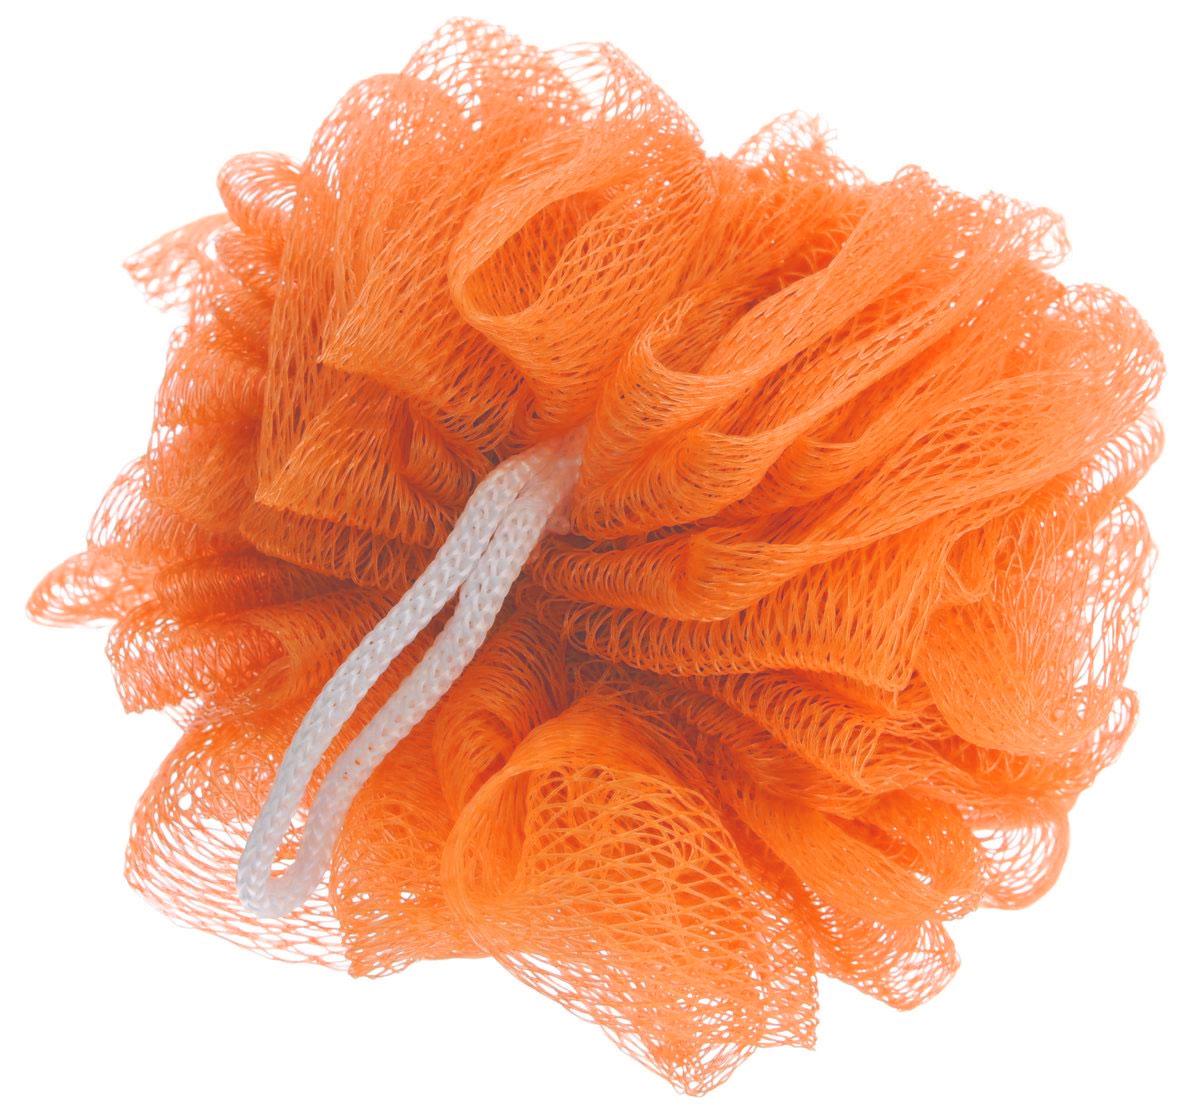 Мочалка Eva Бантик, цвет: оранжевый, диаметр 9 смМС41_оранжевыйМочалка Eva Бантик, выполненная из нейлона, предназначена для мягкого очищения кожи. Она станет незаменимым аксессуаром ванной комнаты. Мочалка отлично пенится, обладает легким массажным воздействием, идеально подходит для нежной и чувствительной кожи. На мочалке имеется удобная петля для подвешивания. Диаметр: 9 см.